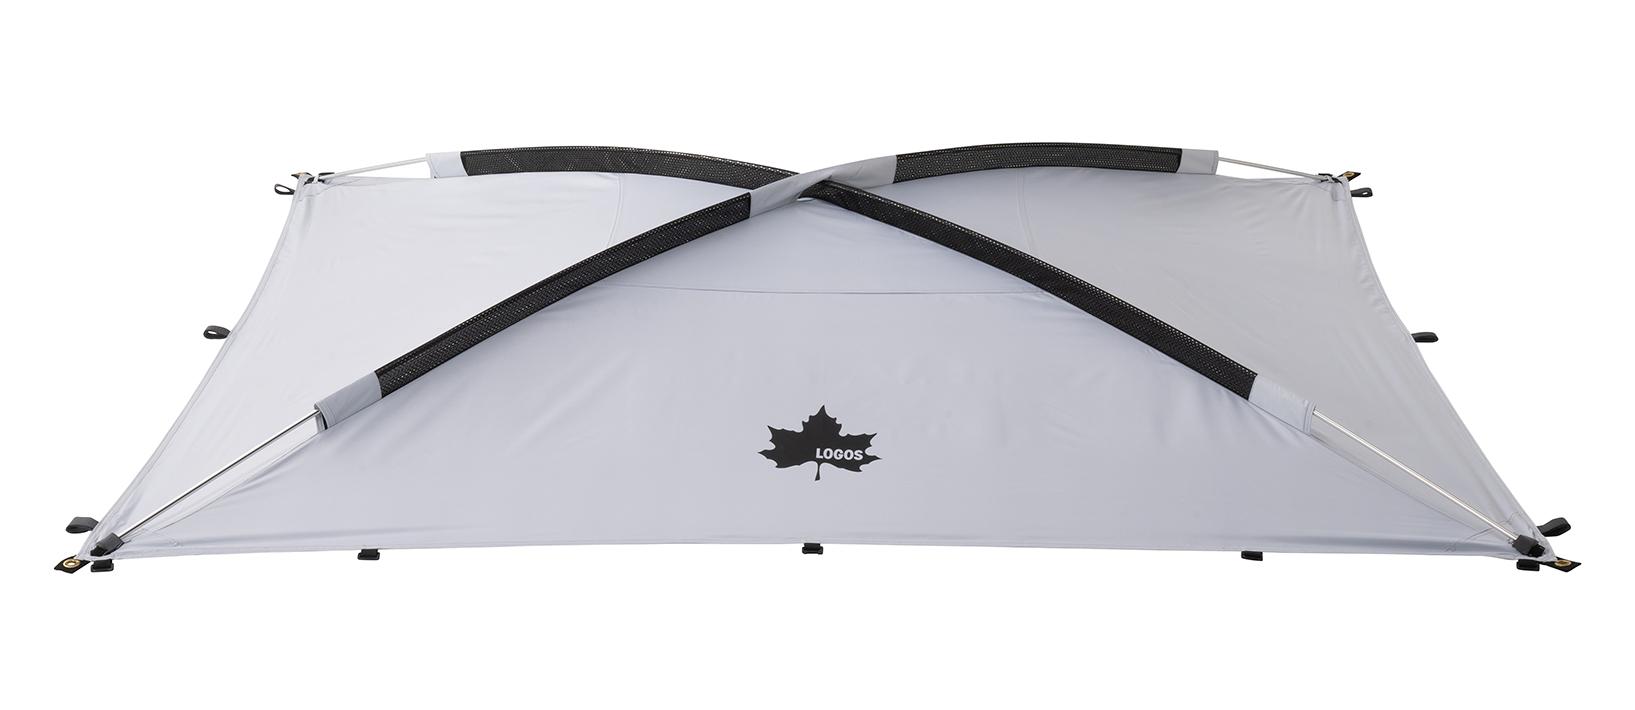 テントの強度をアップさせる「筋交い構造」